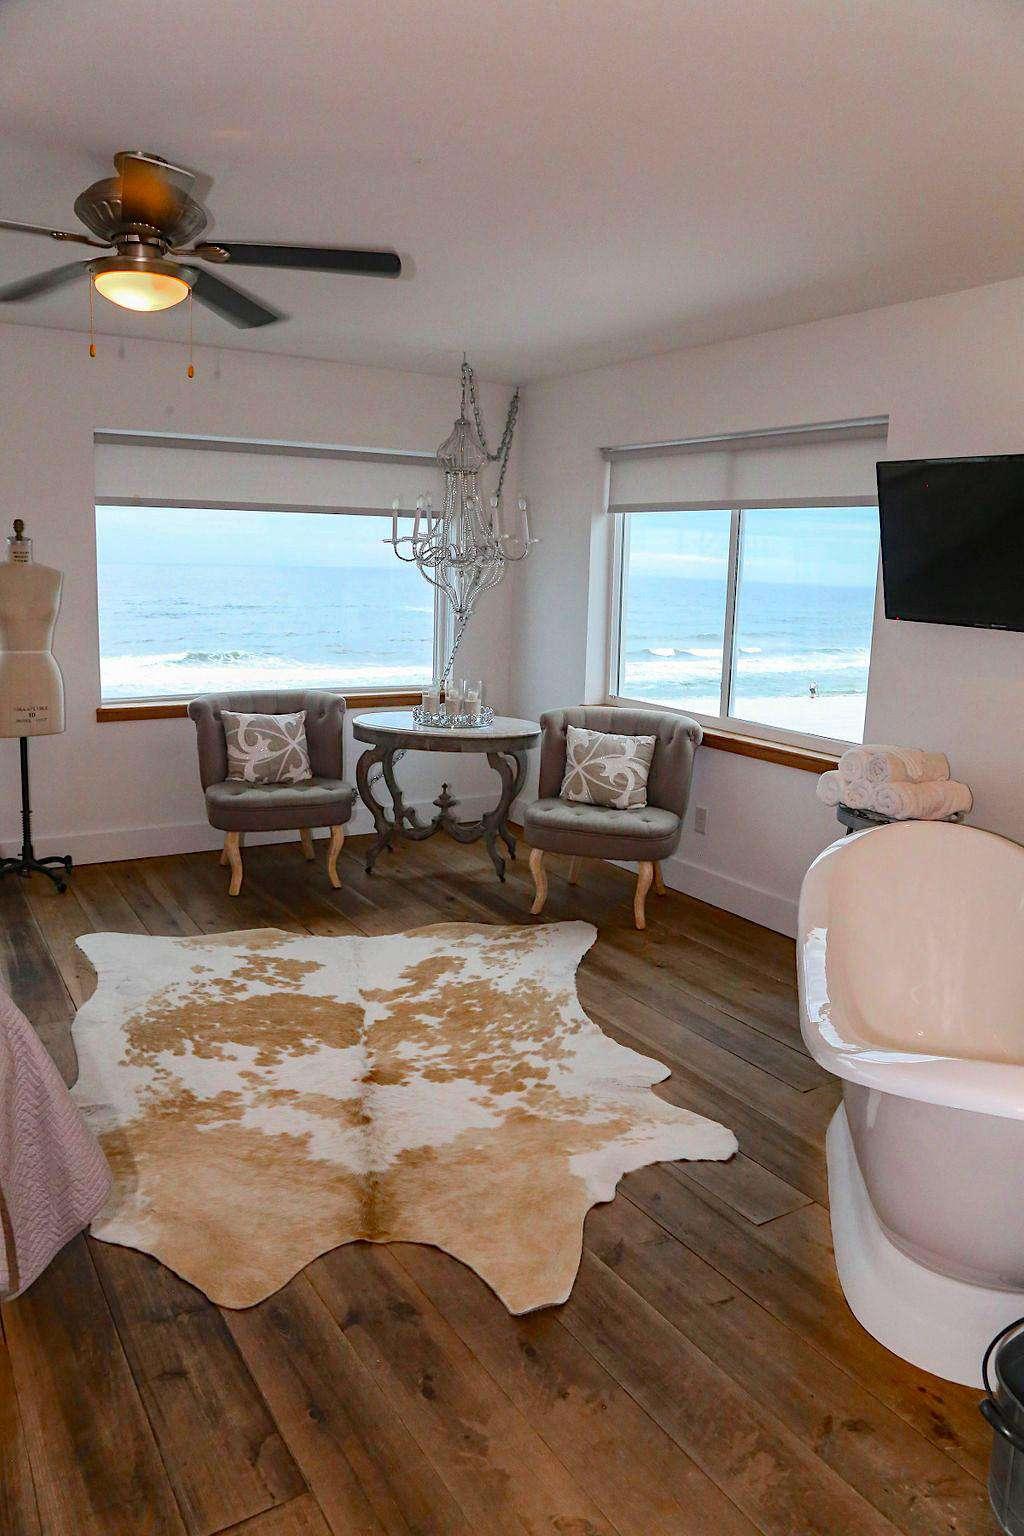 slipper tub in bridal suite